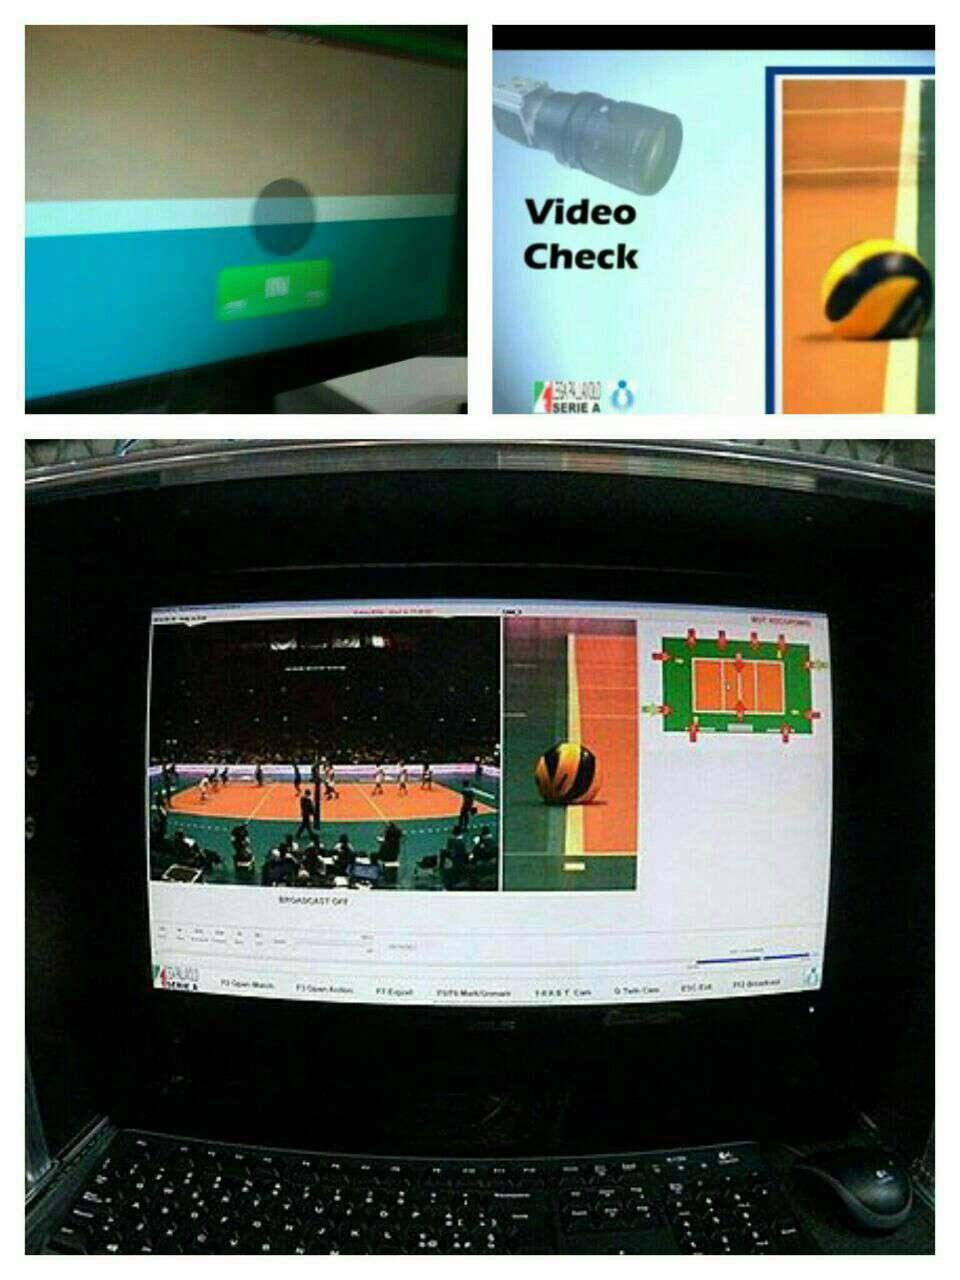 در رقابت های والیبال انتخابی المپیک 2016 در توکیو از فناوری پیشرفته چشم عقاب به جای فناوری ویدئو چک استفاده خواهد شد